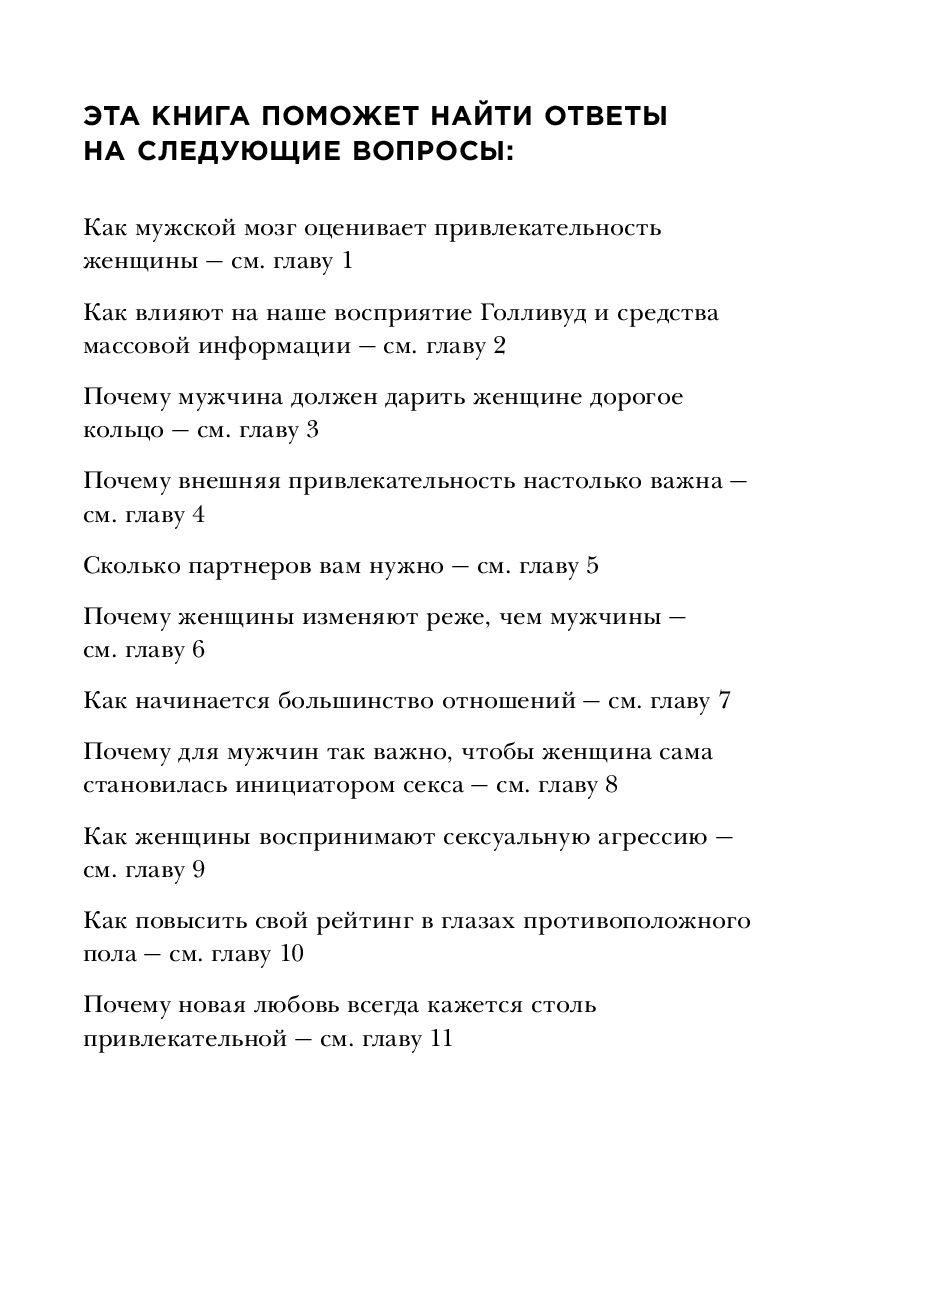 впрямь узбекский секс на узбекский язык Так бывает. Можем пообщаться